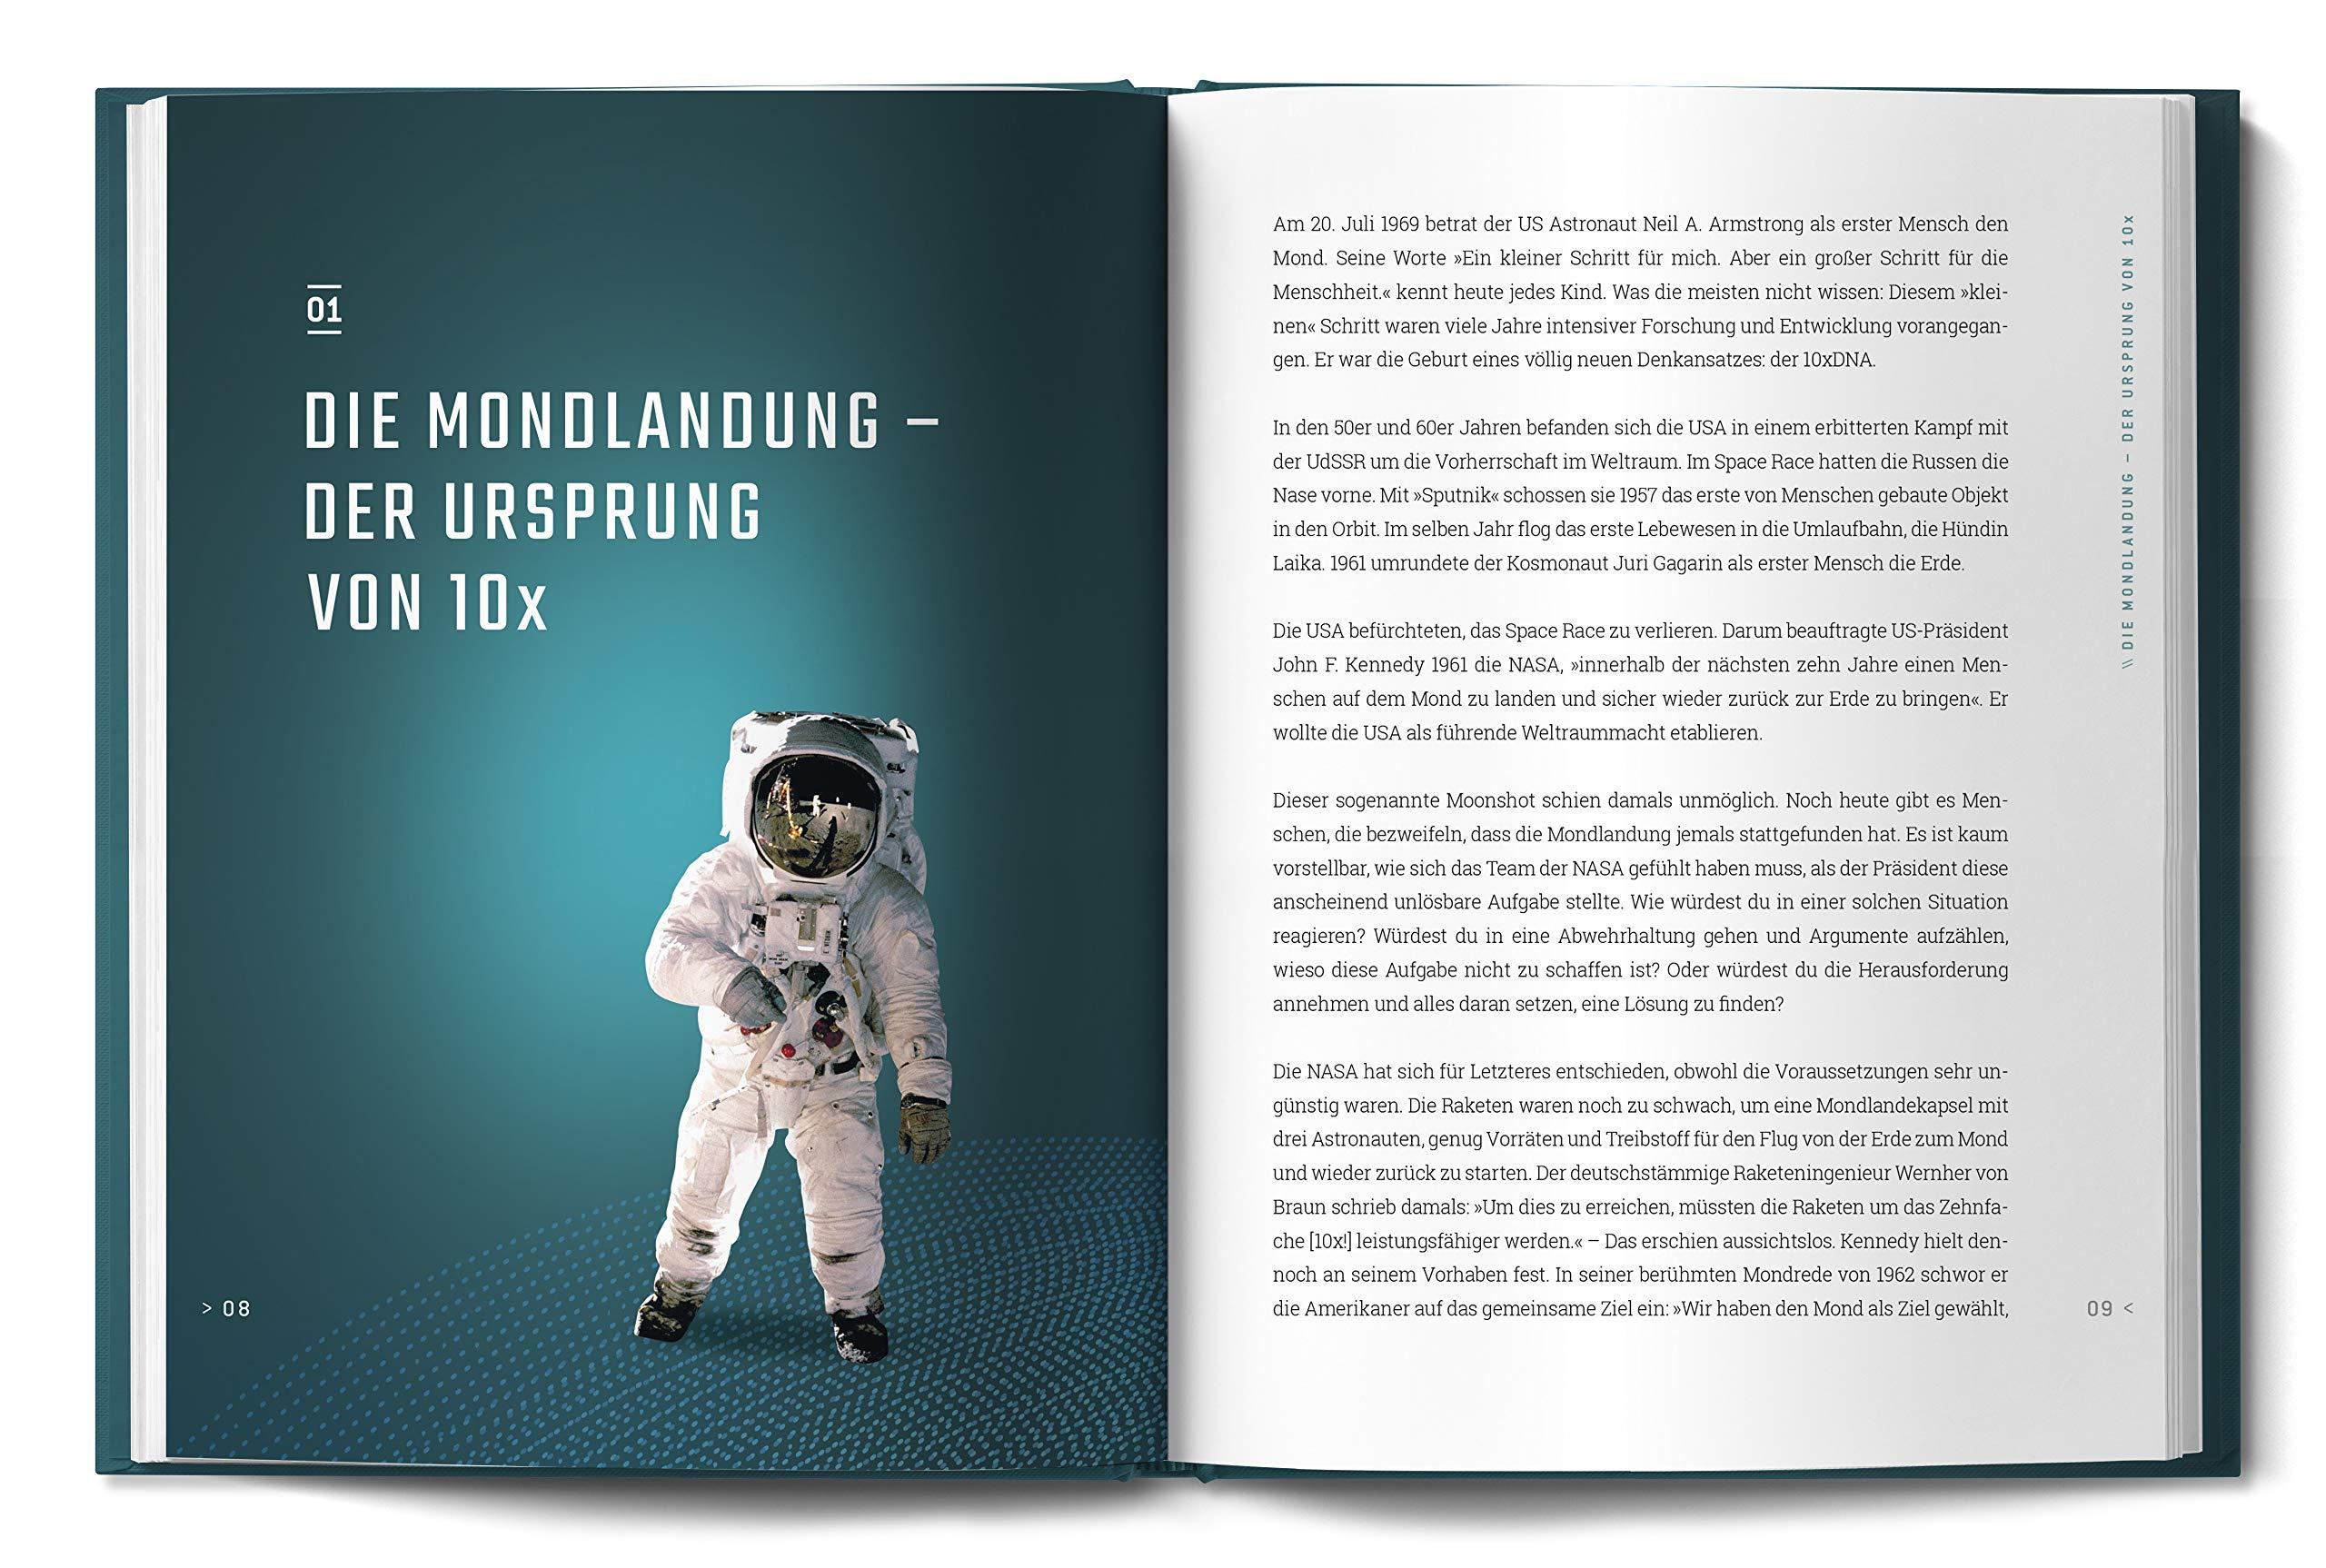 10xdna Das Mindset Der Zukunft Frank Thelen Bücher